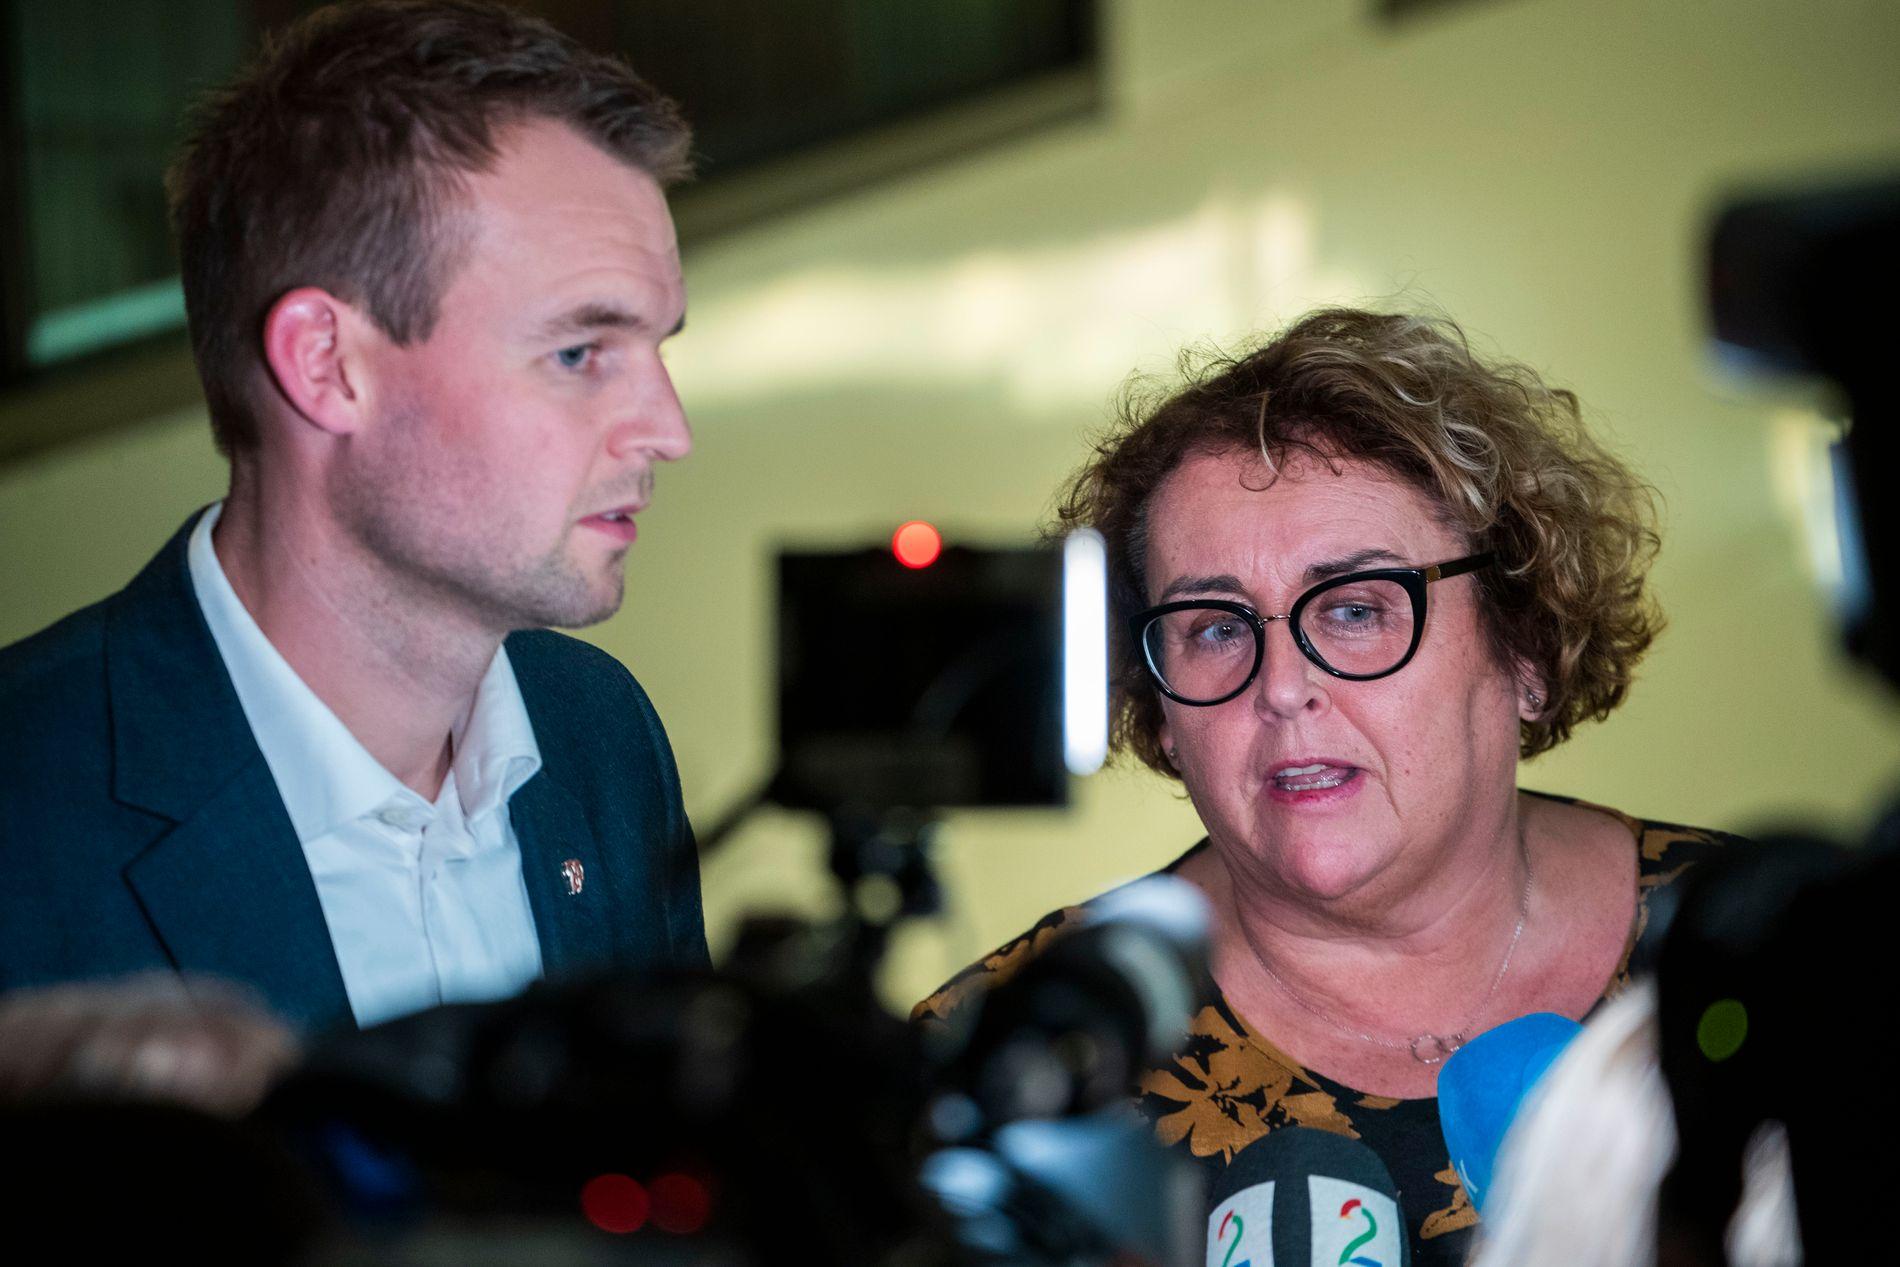 MANGLER FOLKELIG STØTTE: Bare 16 prosent av velgerne vil ha endringer i abortloven, slik KrF-nestlederne Kjell Ingolf Ropstad og Olaug Bollestad vil kreve av de tre regjeringspartiene når de starter forhandlinger om få dager.